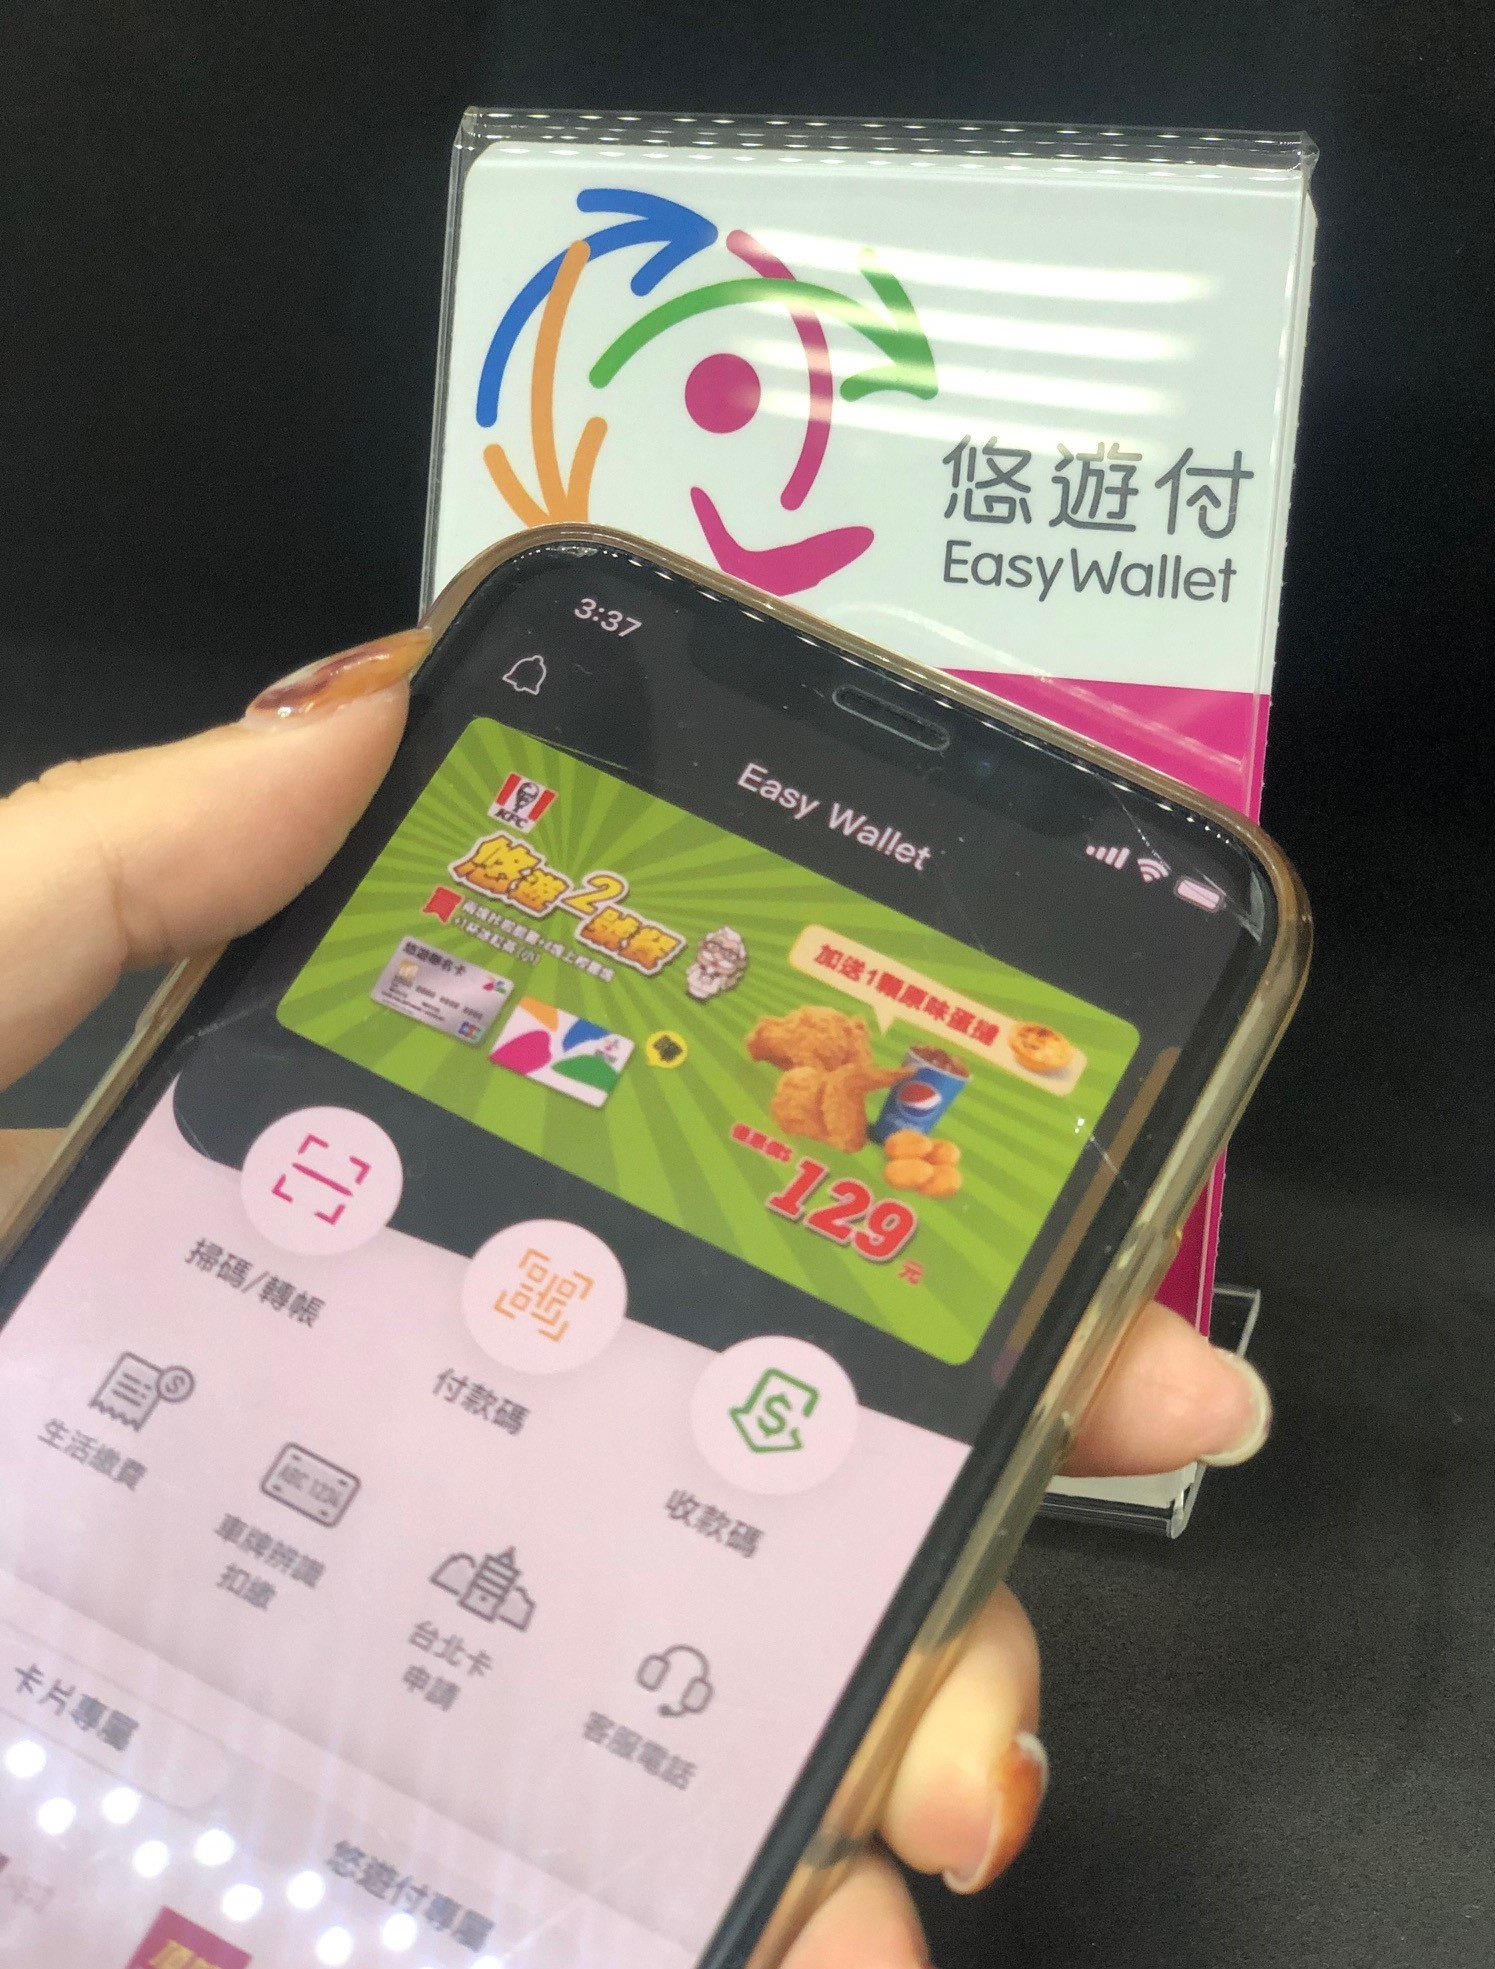 悠遊卡公司電支業務 「悠遊付」正式上線